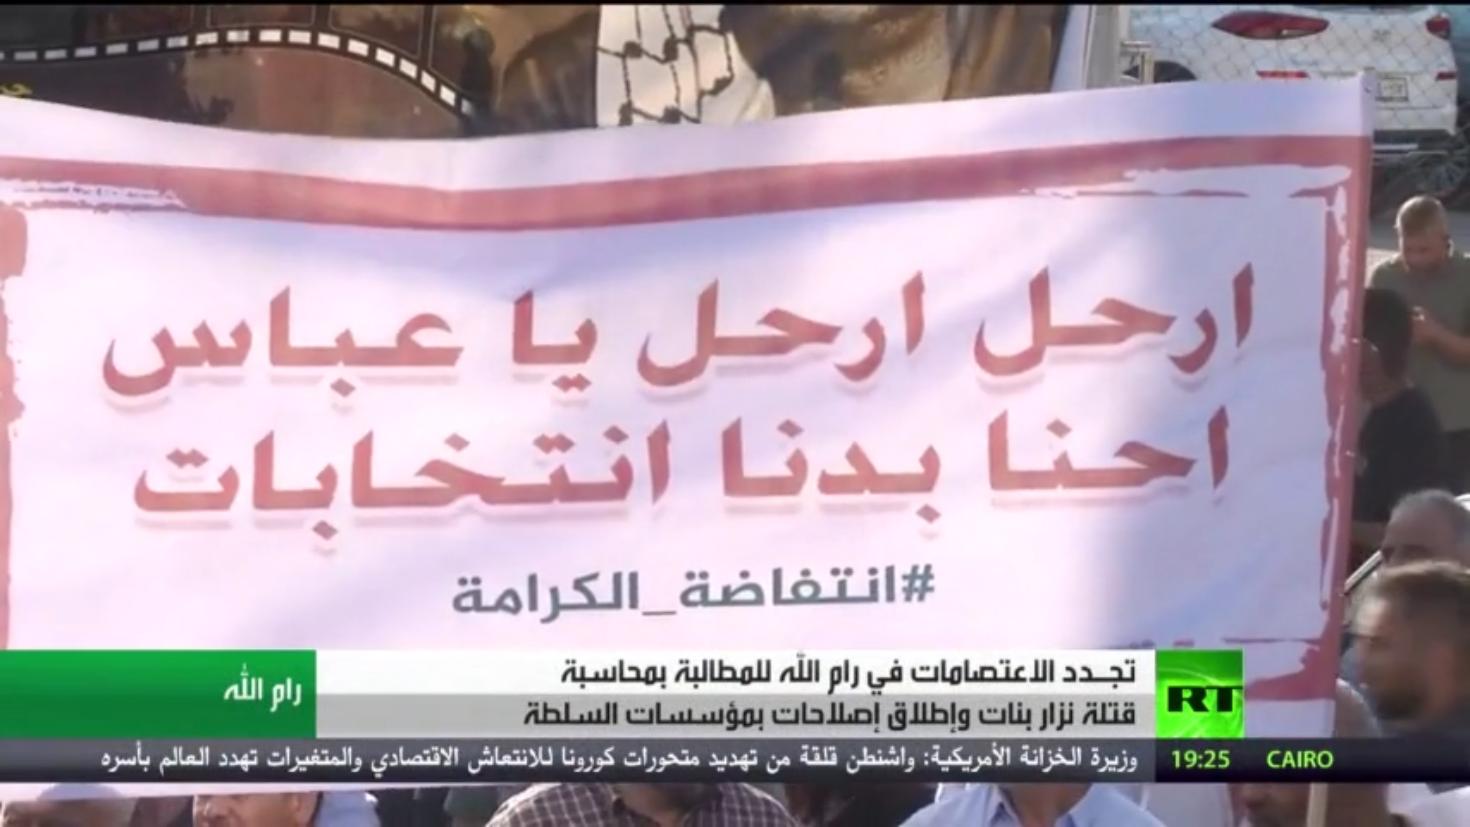 اعتصام برام الله يطلب محاسبة قتلة نزار بنات